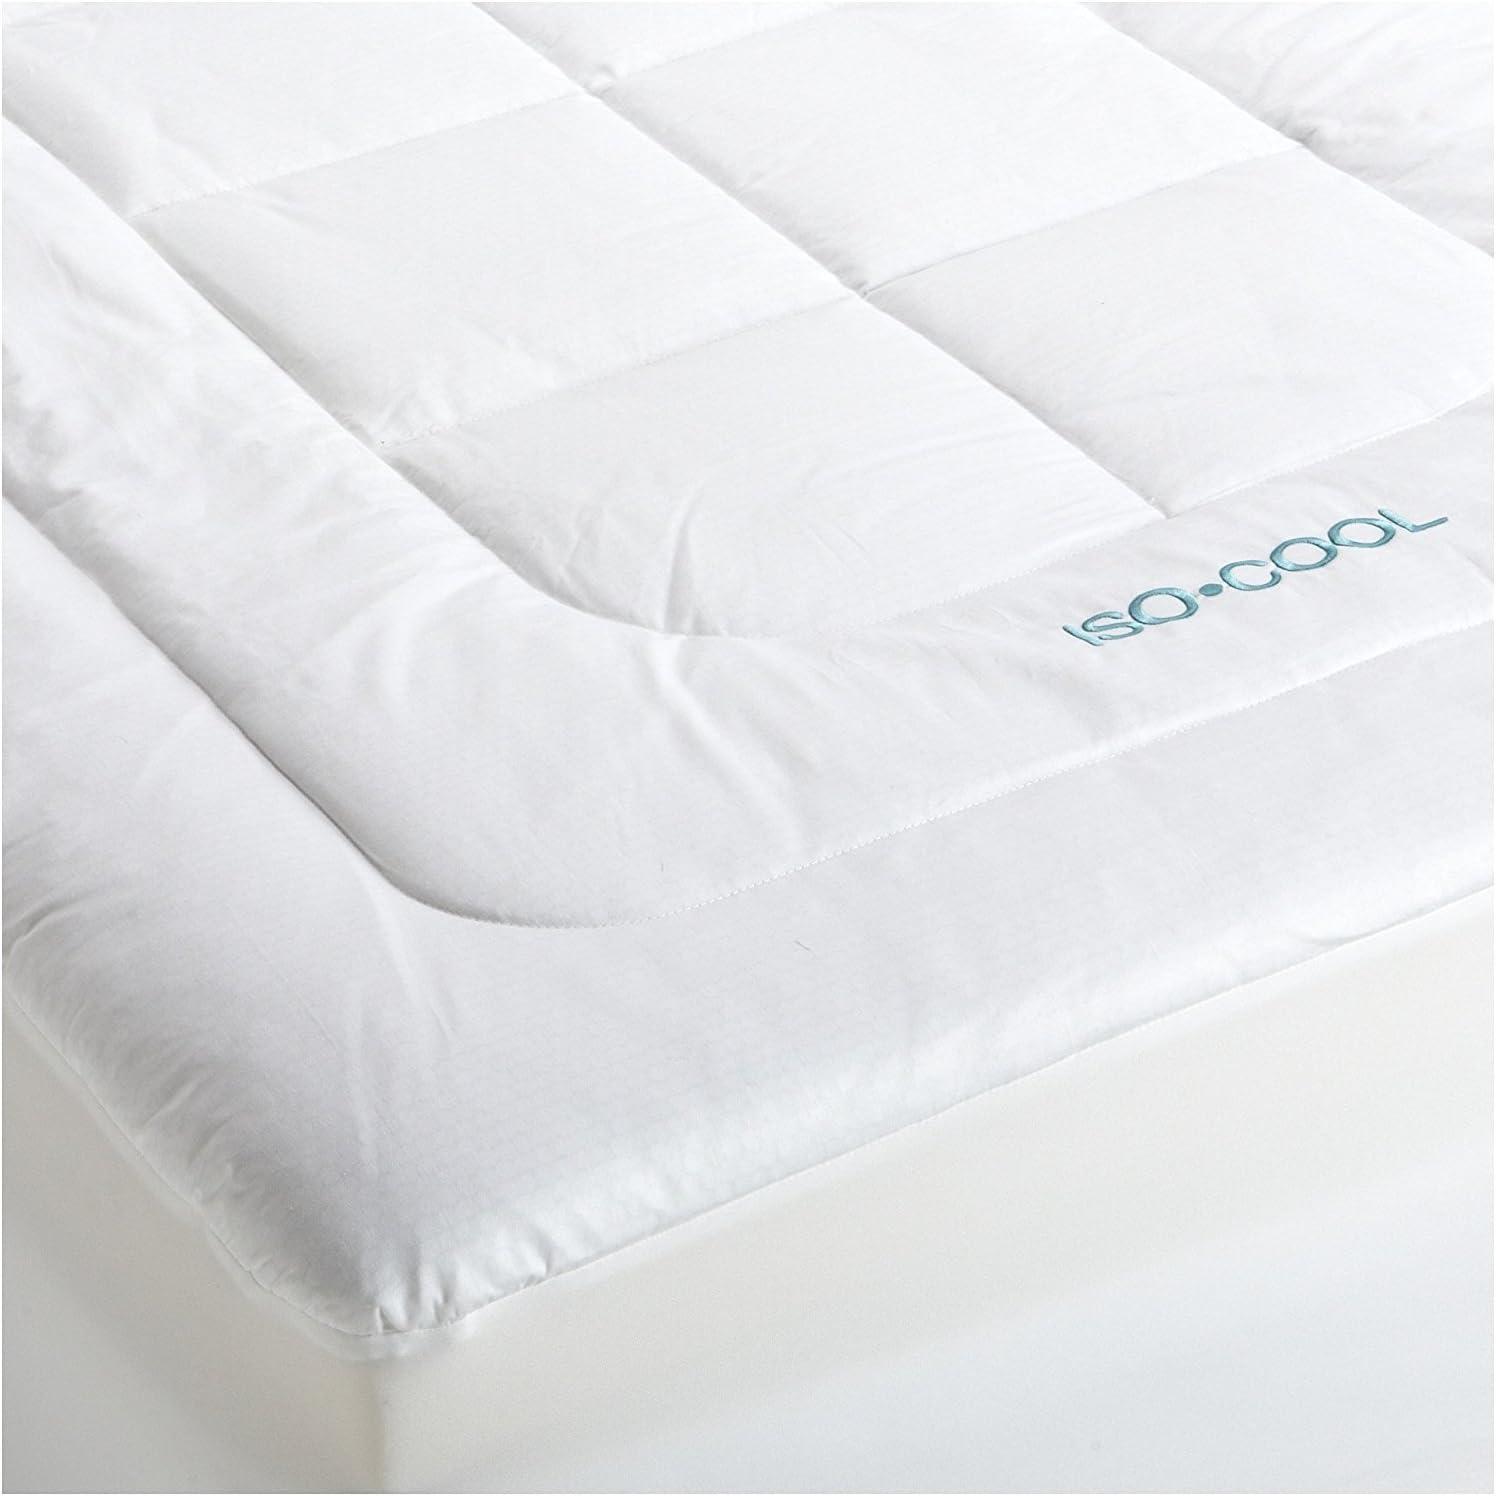 SleepBetter Iso-Cool